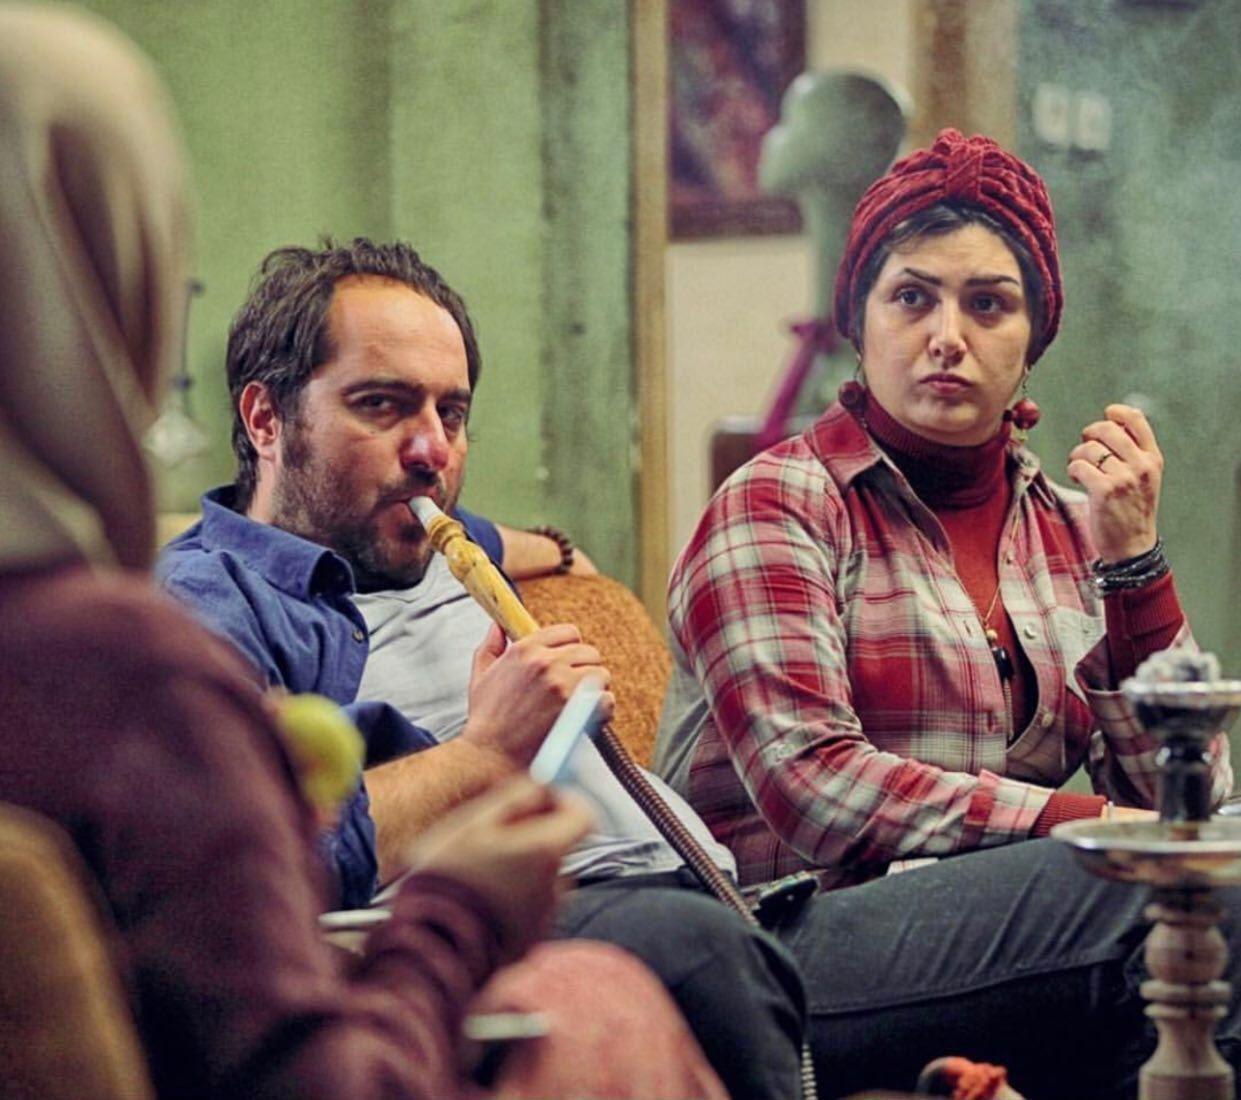 مجید رضا مصطفوی:بازیگر بدون قصه جواب نمی دهد